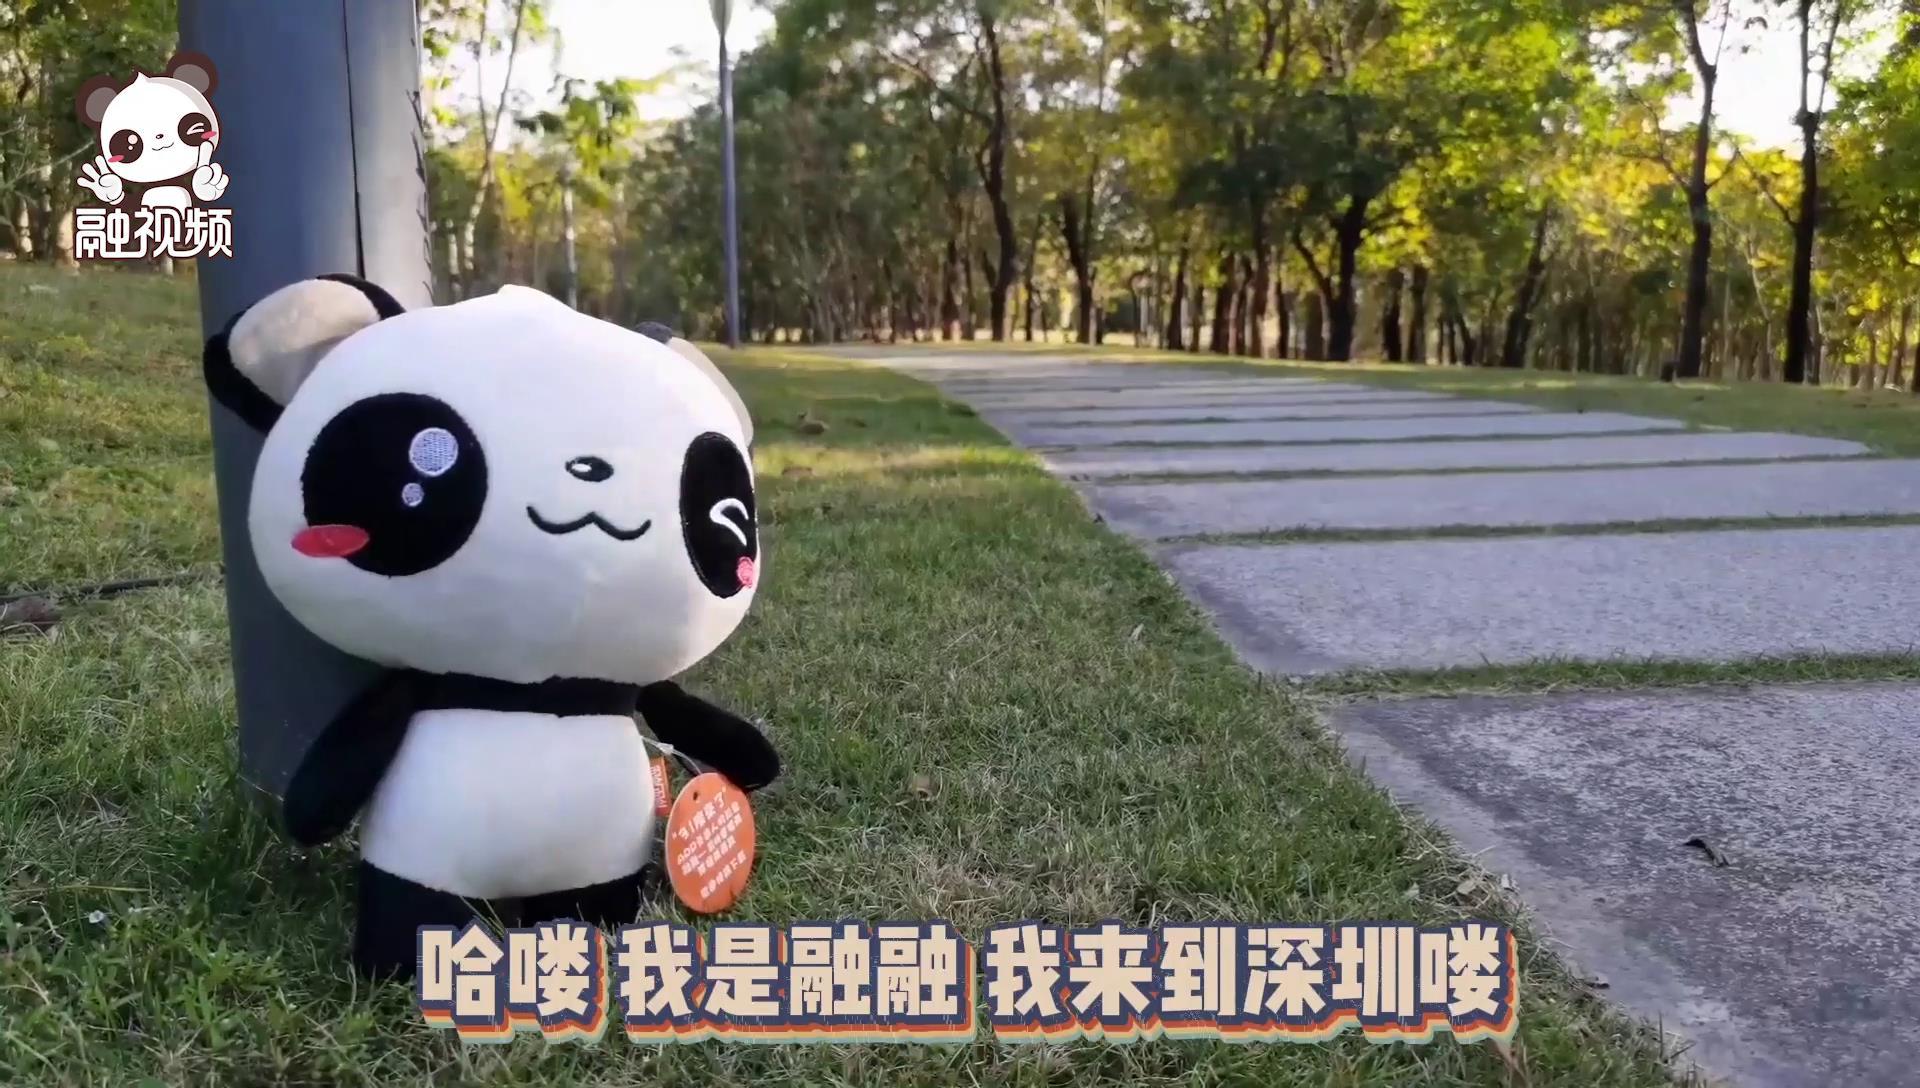 融融打卡深圳湾公园图片